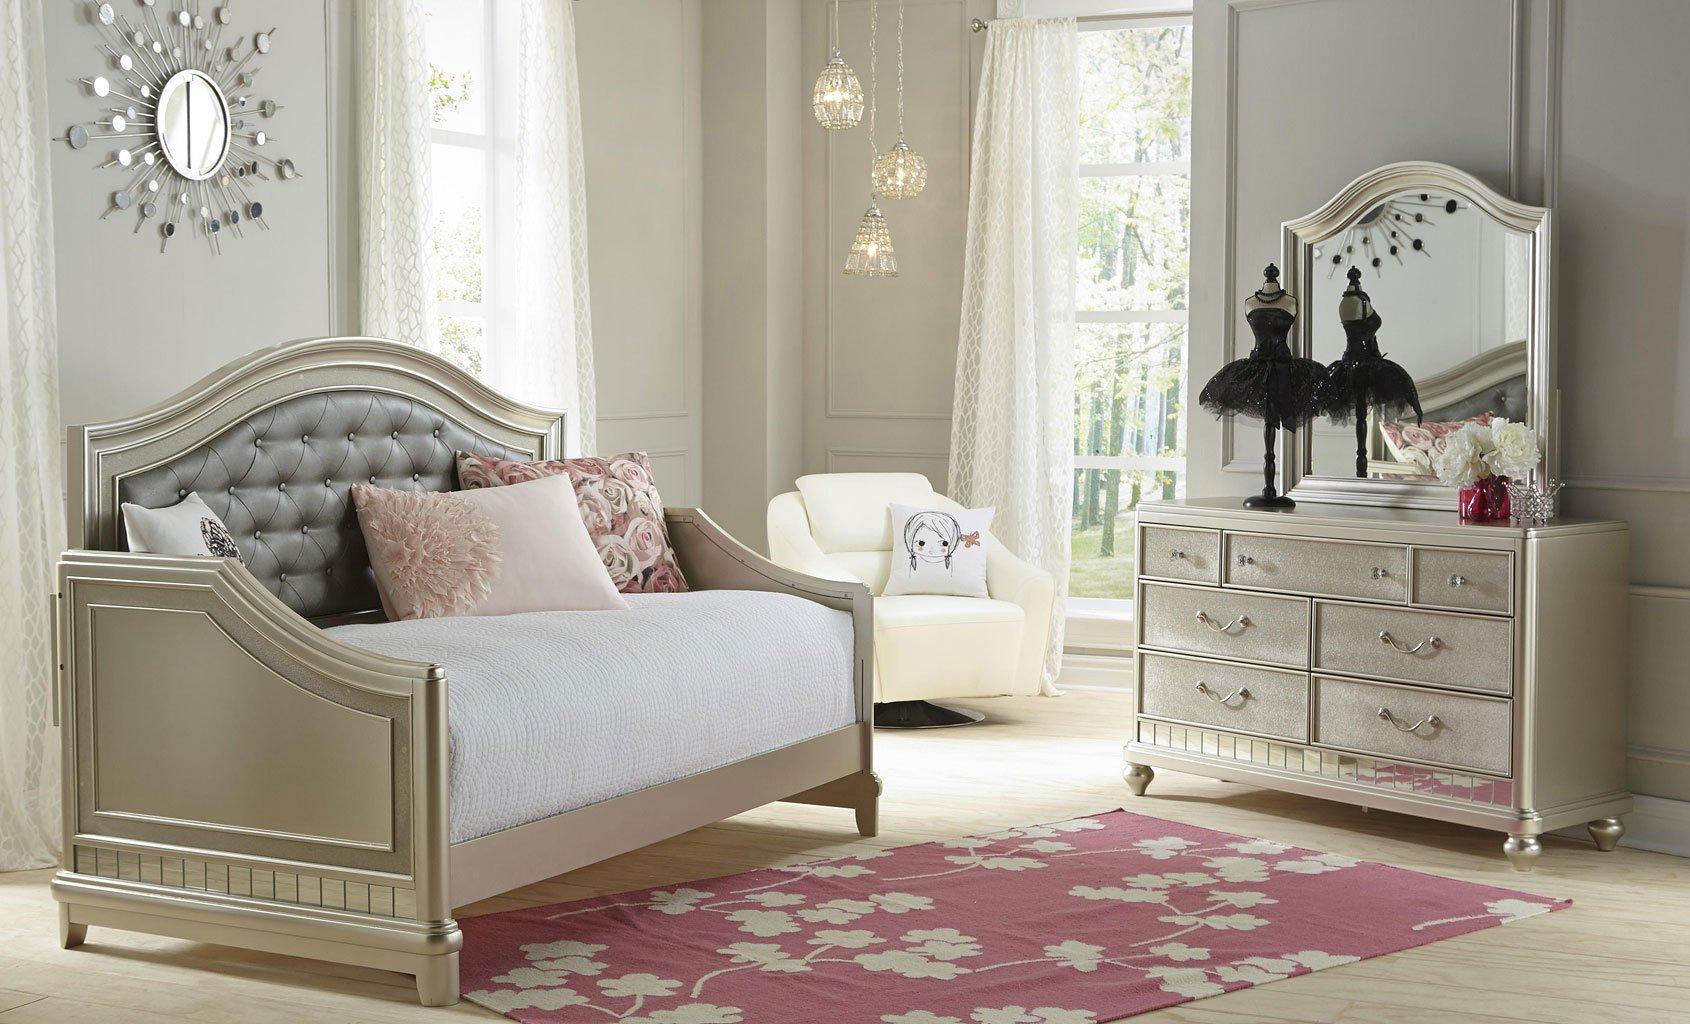 Детская комната в стиле прованс с диваном кроватью